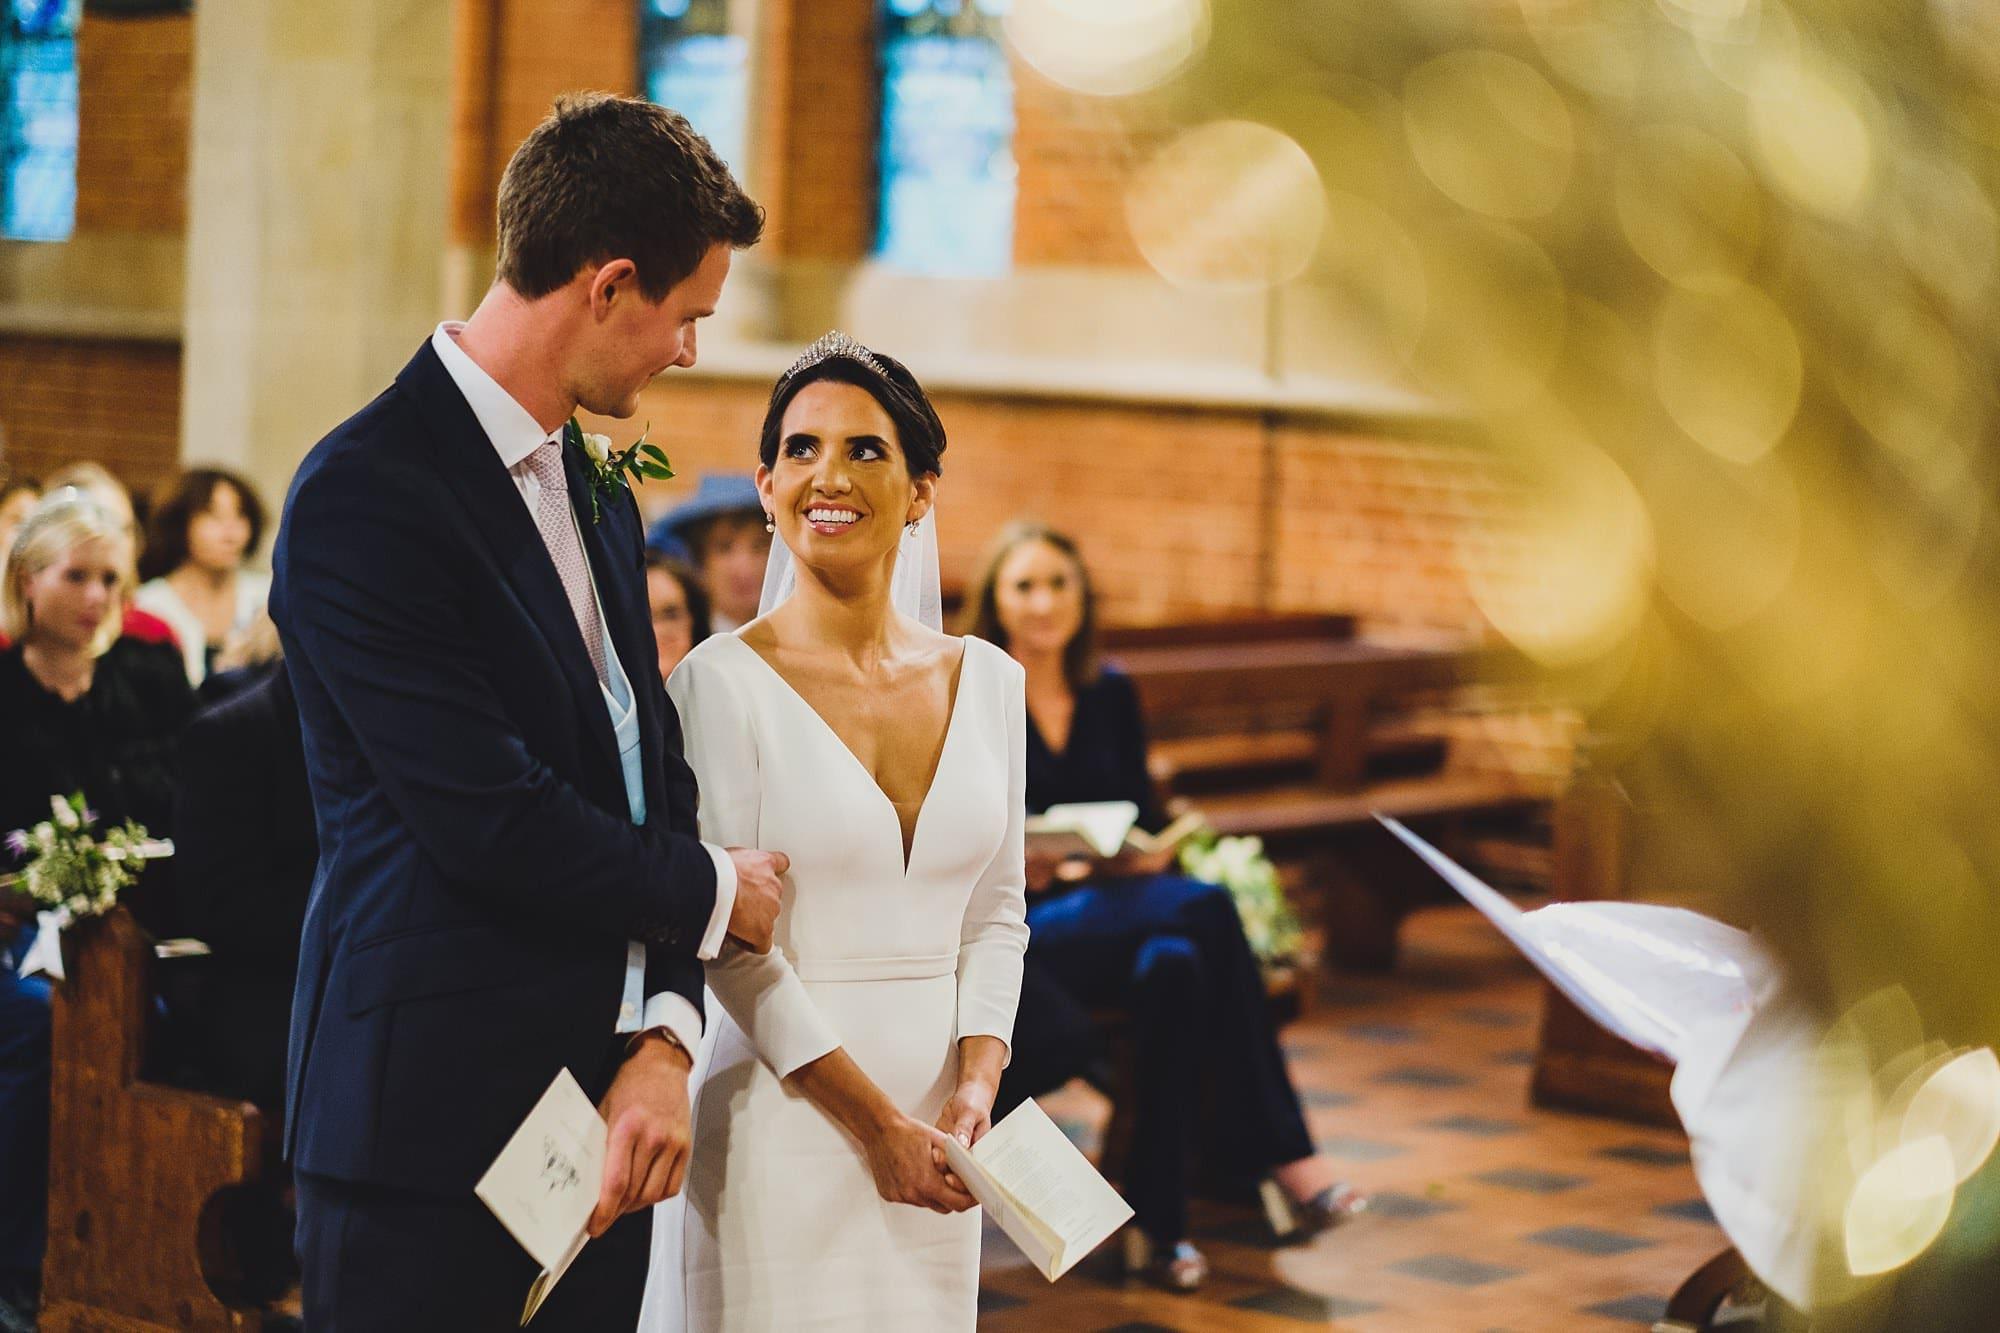 fulham palace wedding photographer ok 033 - Olivia + Kyle